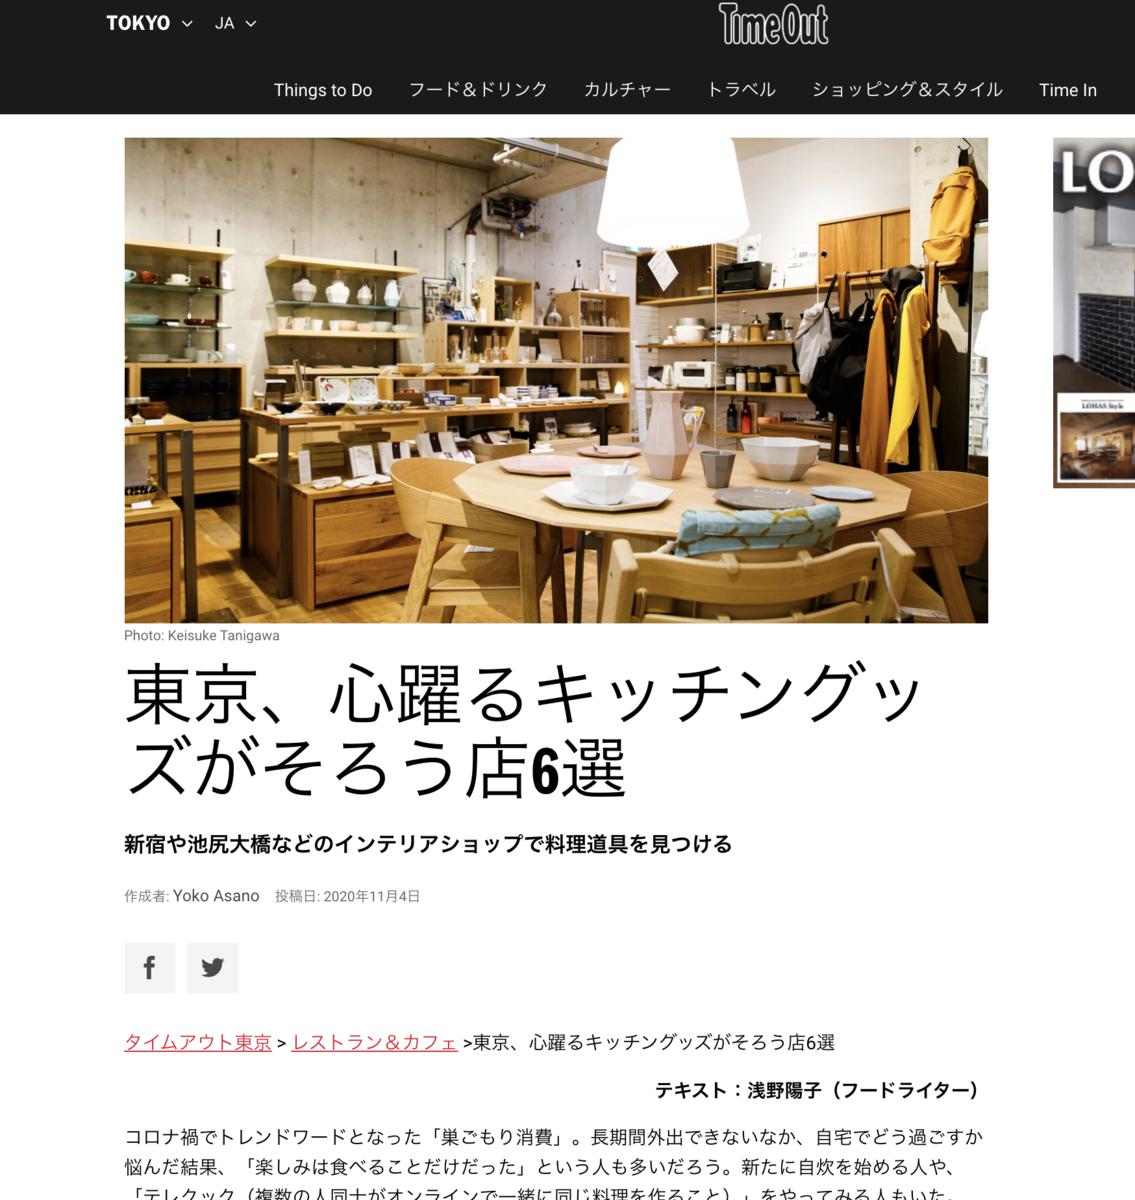 タイムアウト東京 特集 キッチングッズ